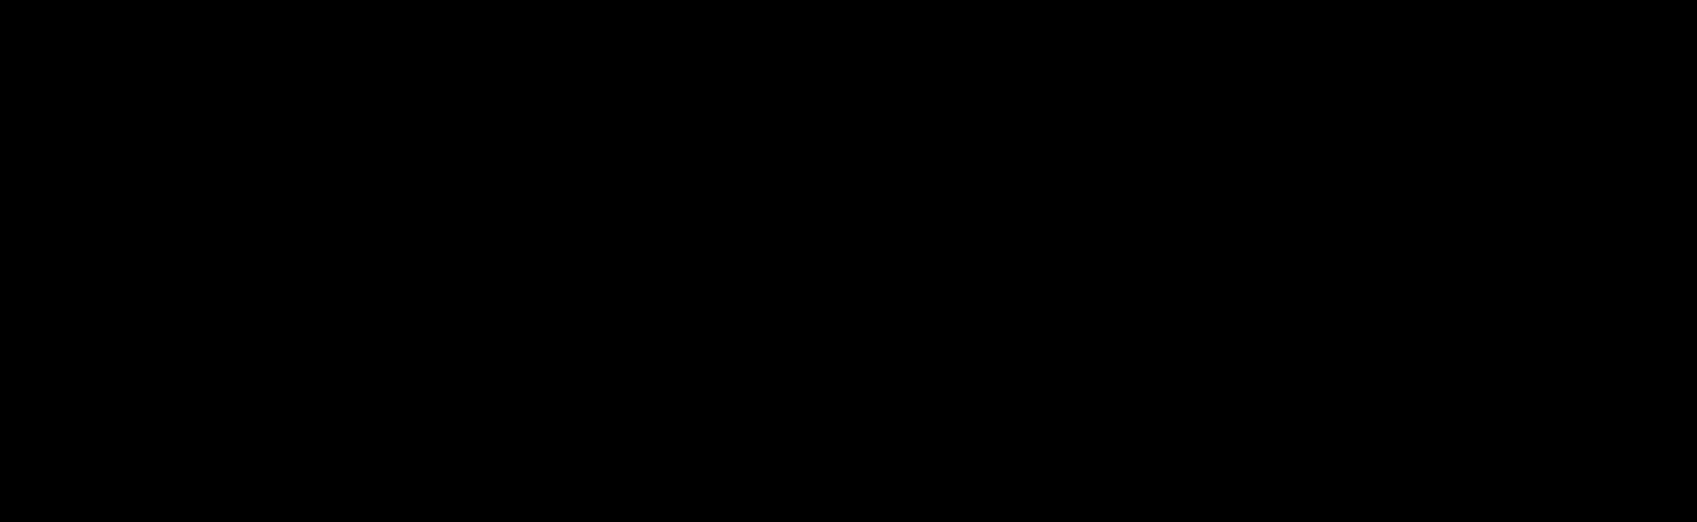 Acetaminophen-<sup>13</sup>C<sub>6</sub> β-D-glucuronide